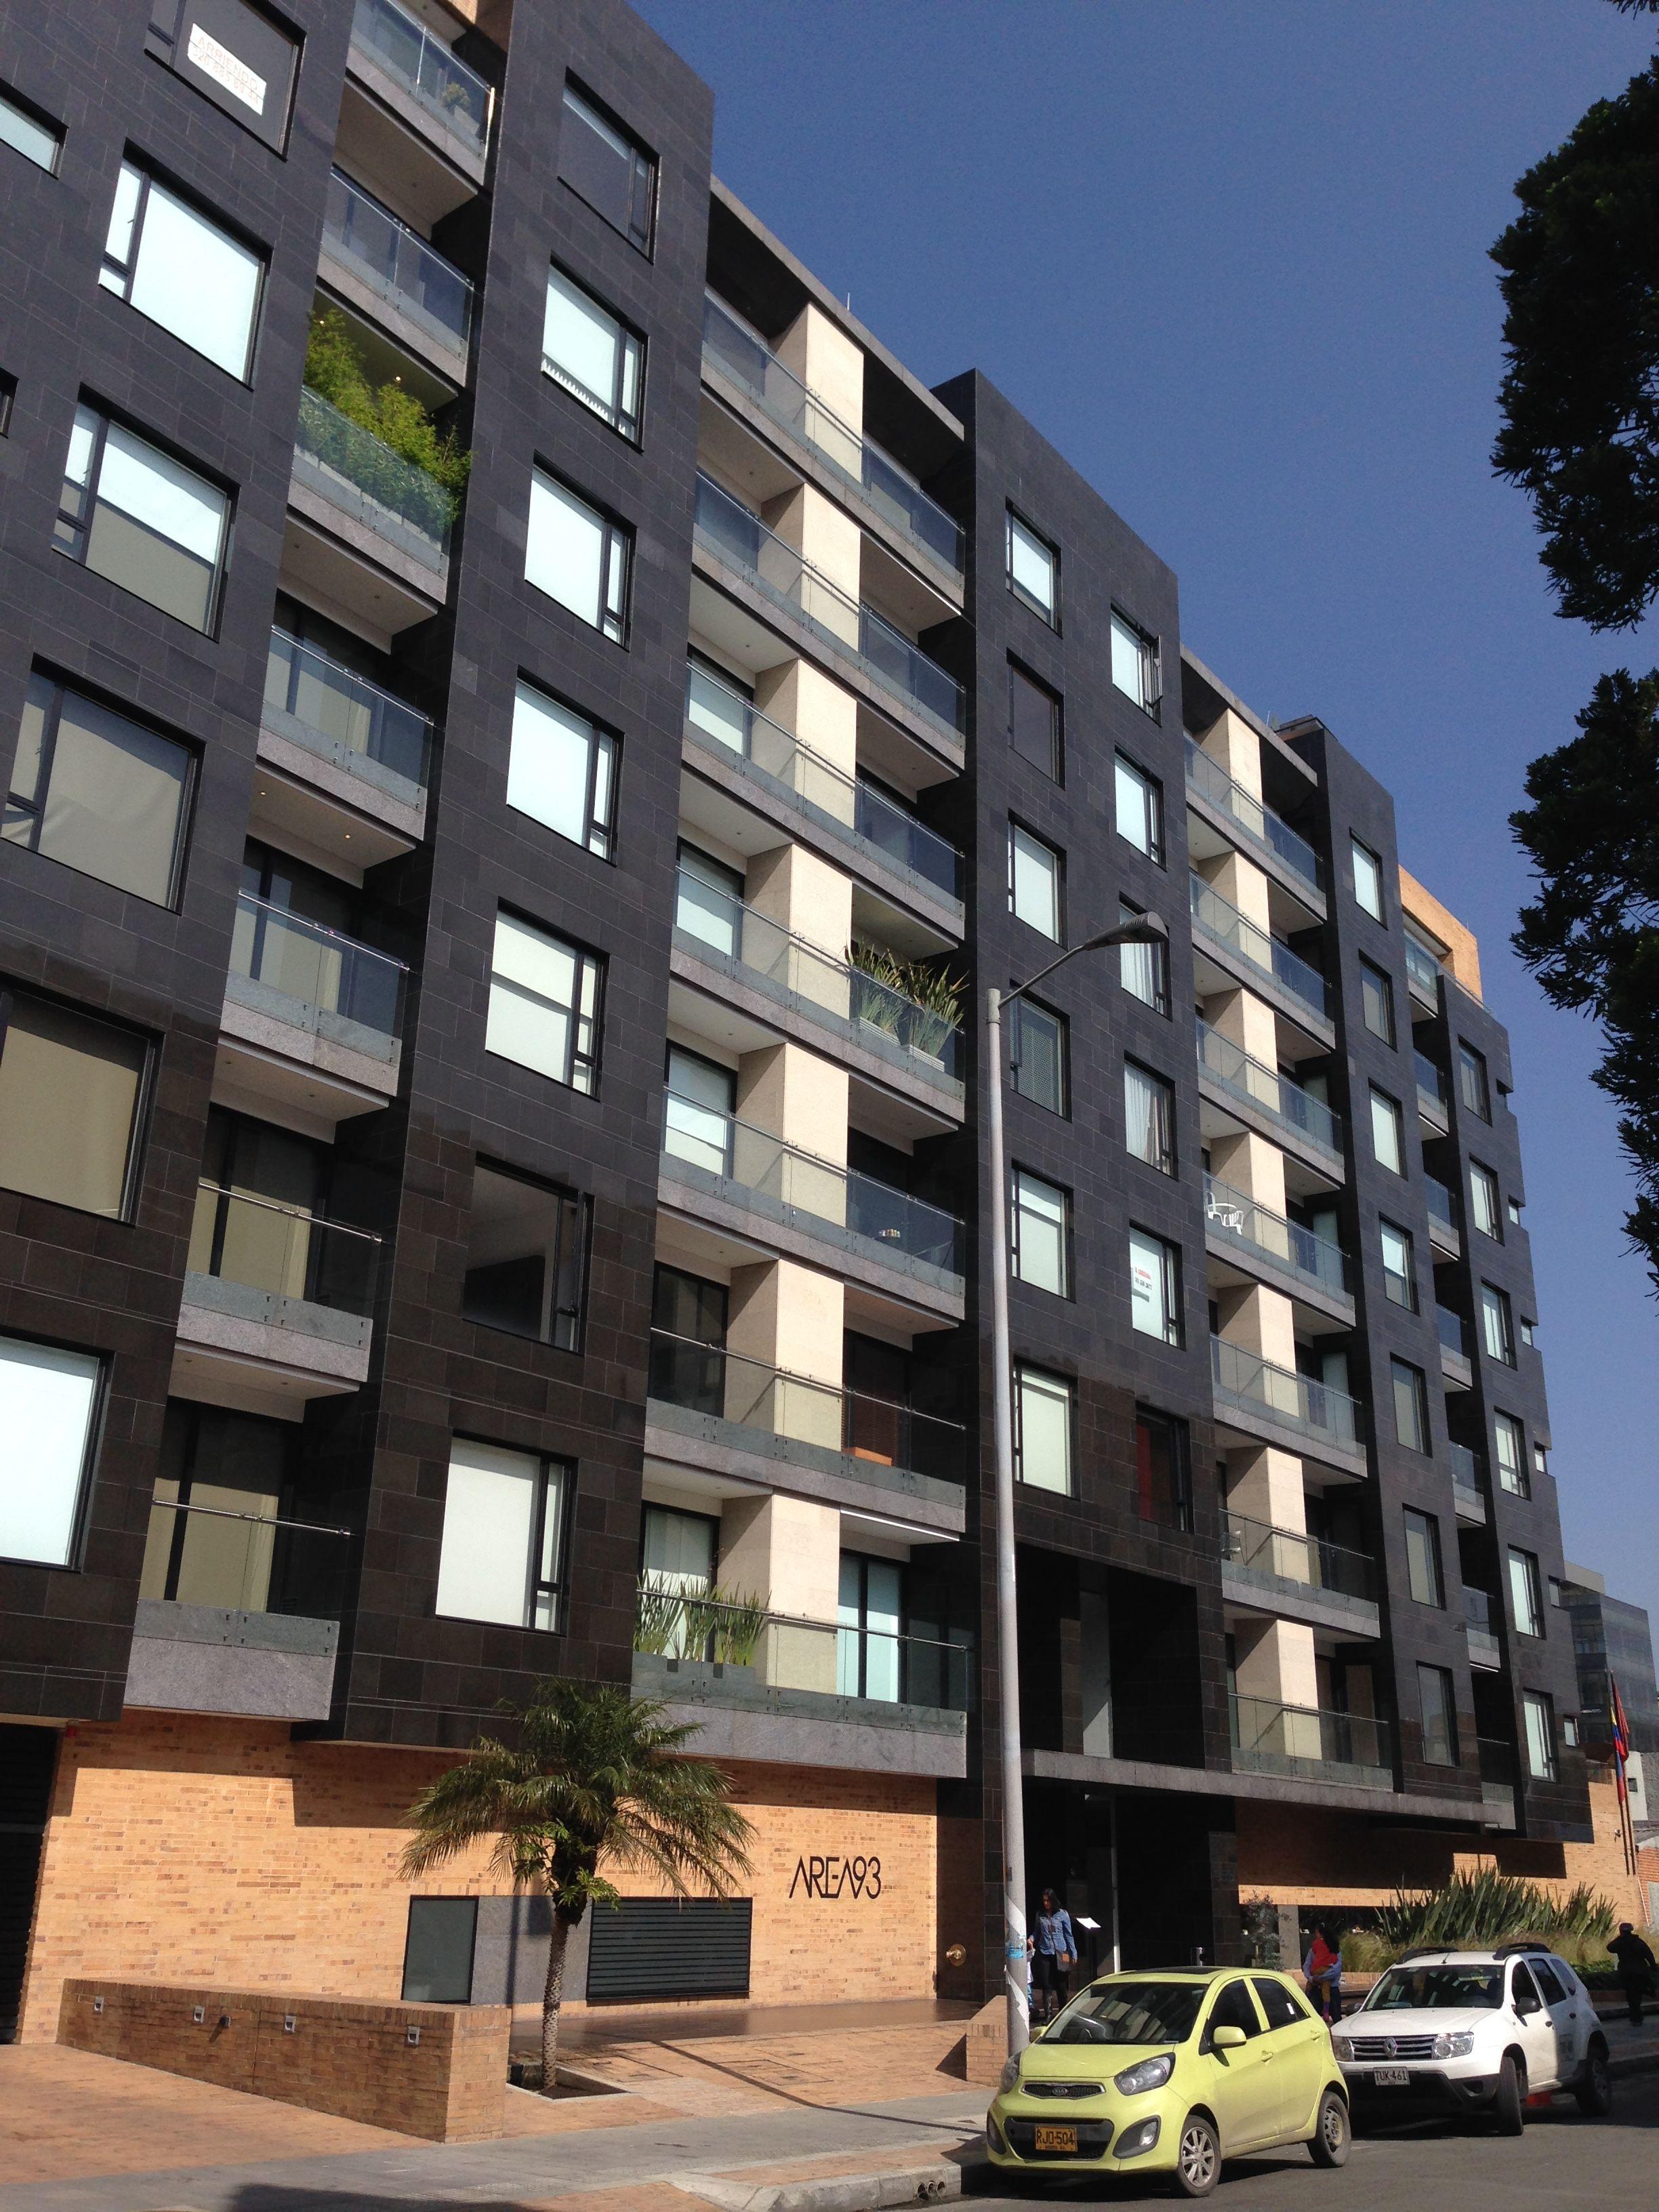 Area 93 Hotel en Bogotá, Colombia. www.glarquitectos.com